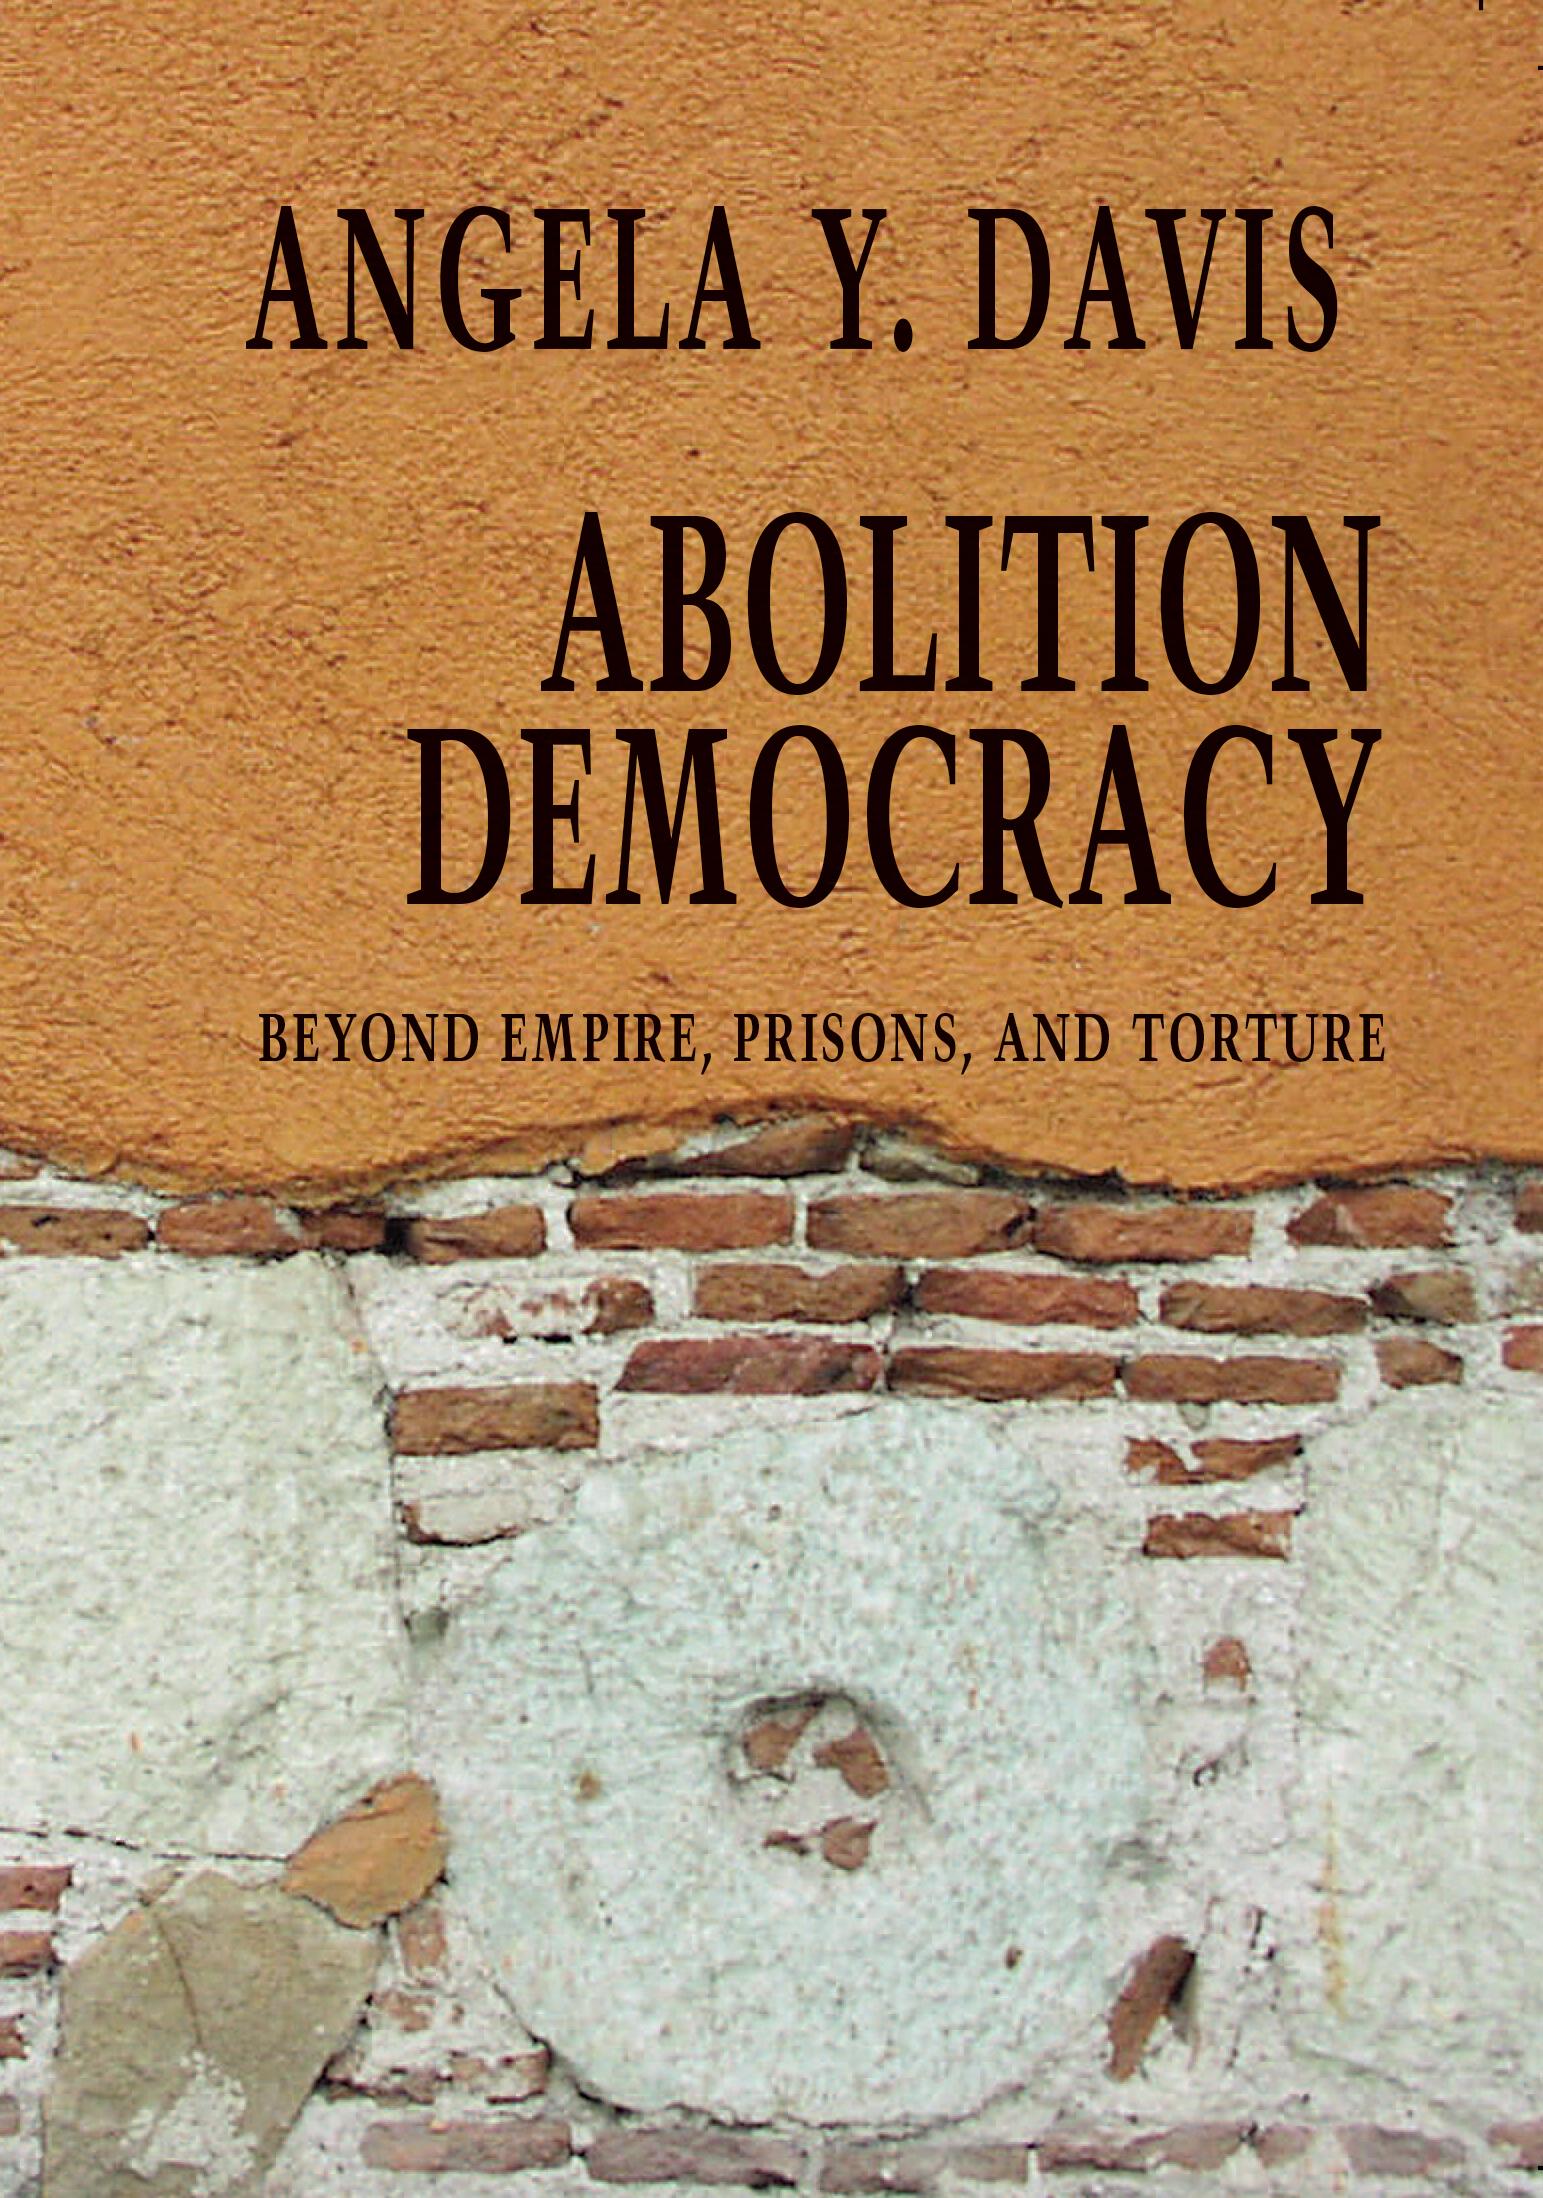 Abolition_cov_rev